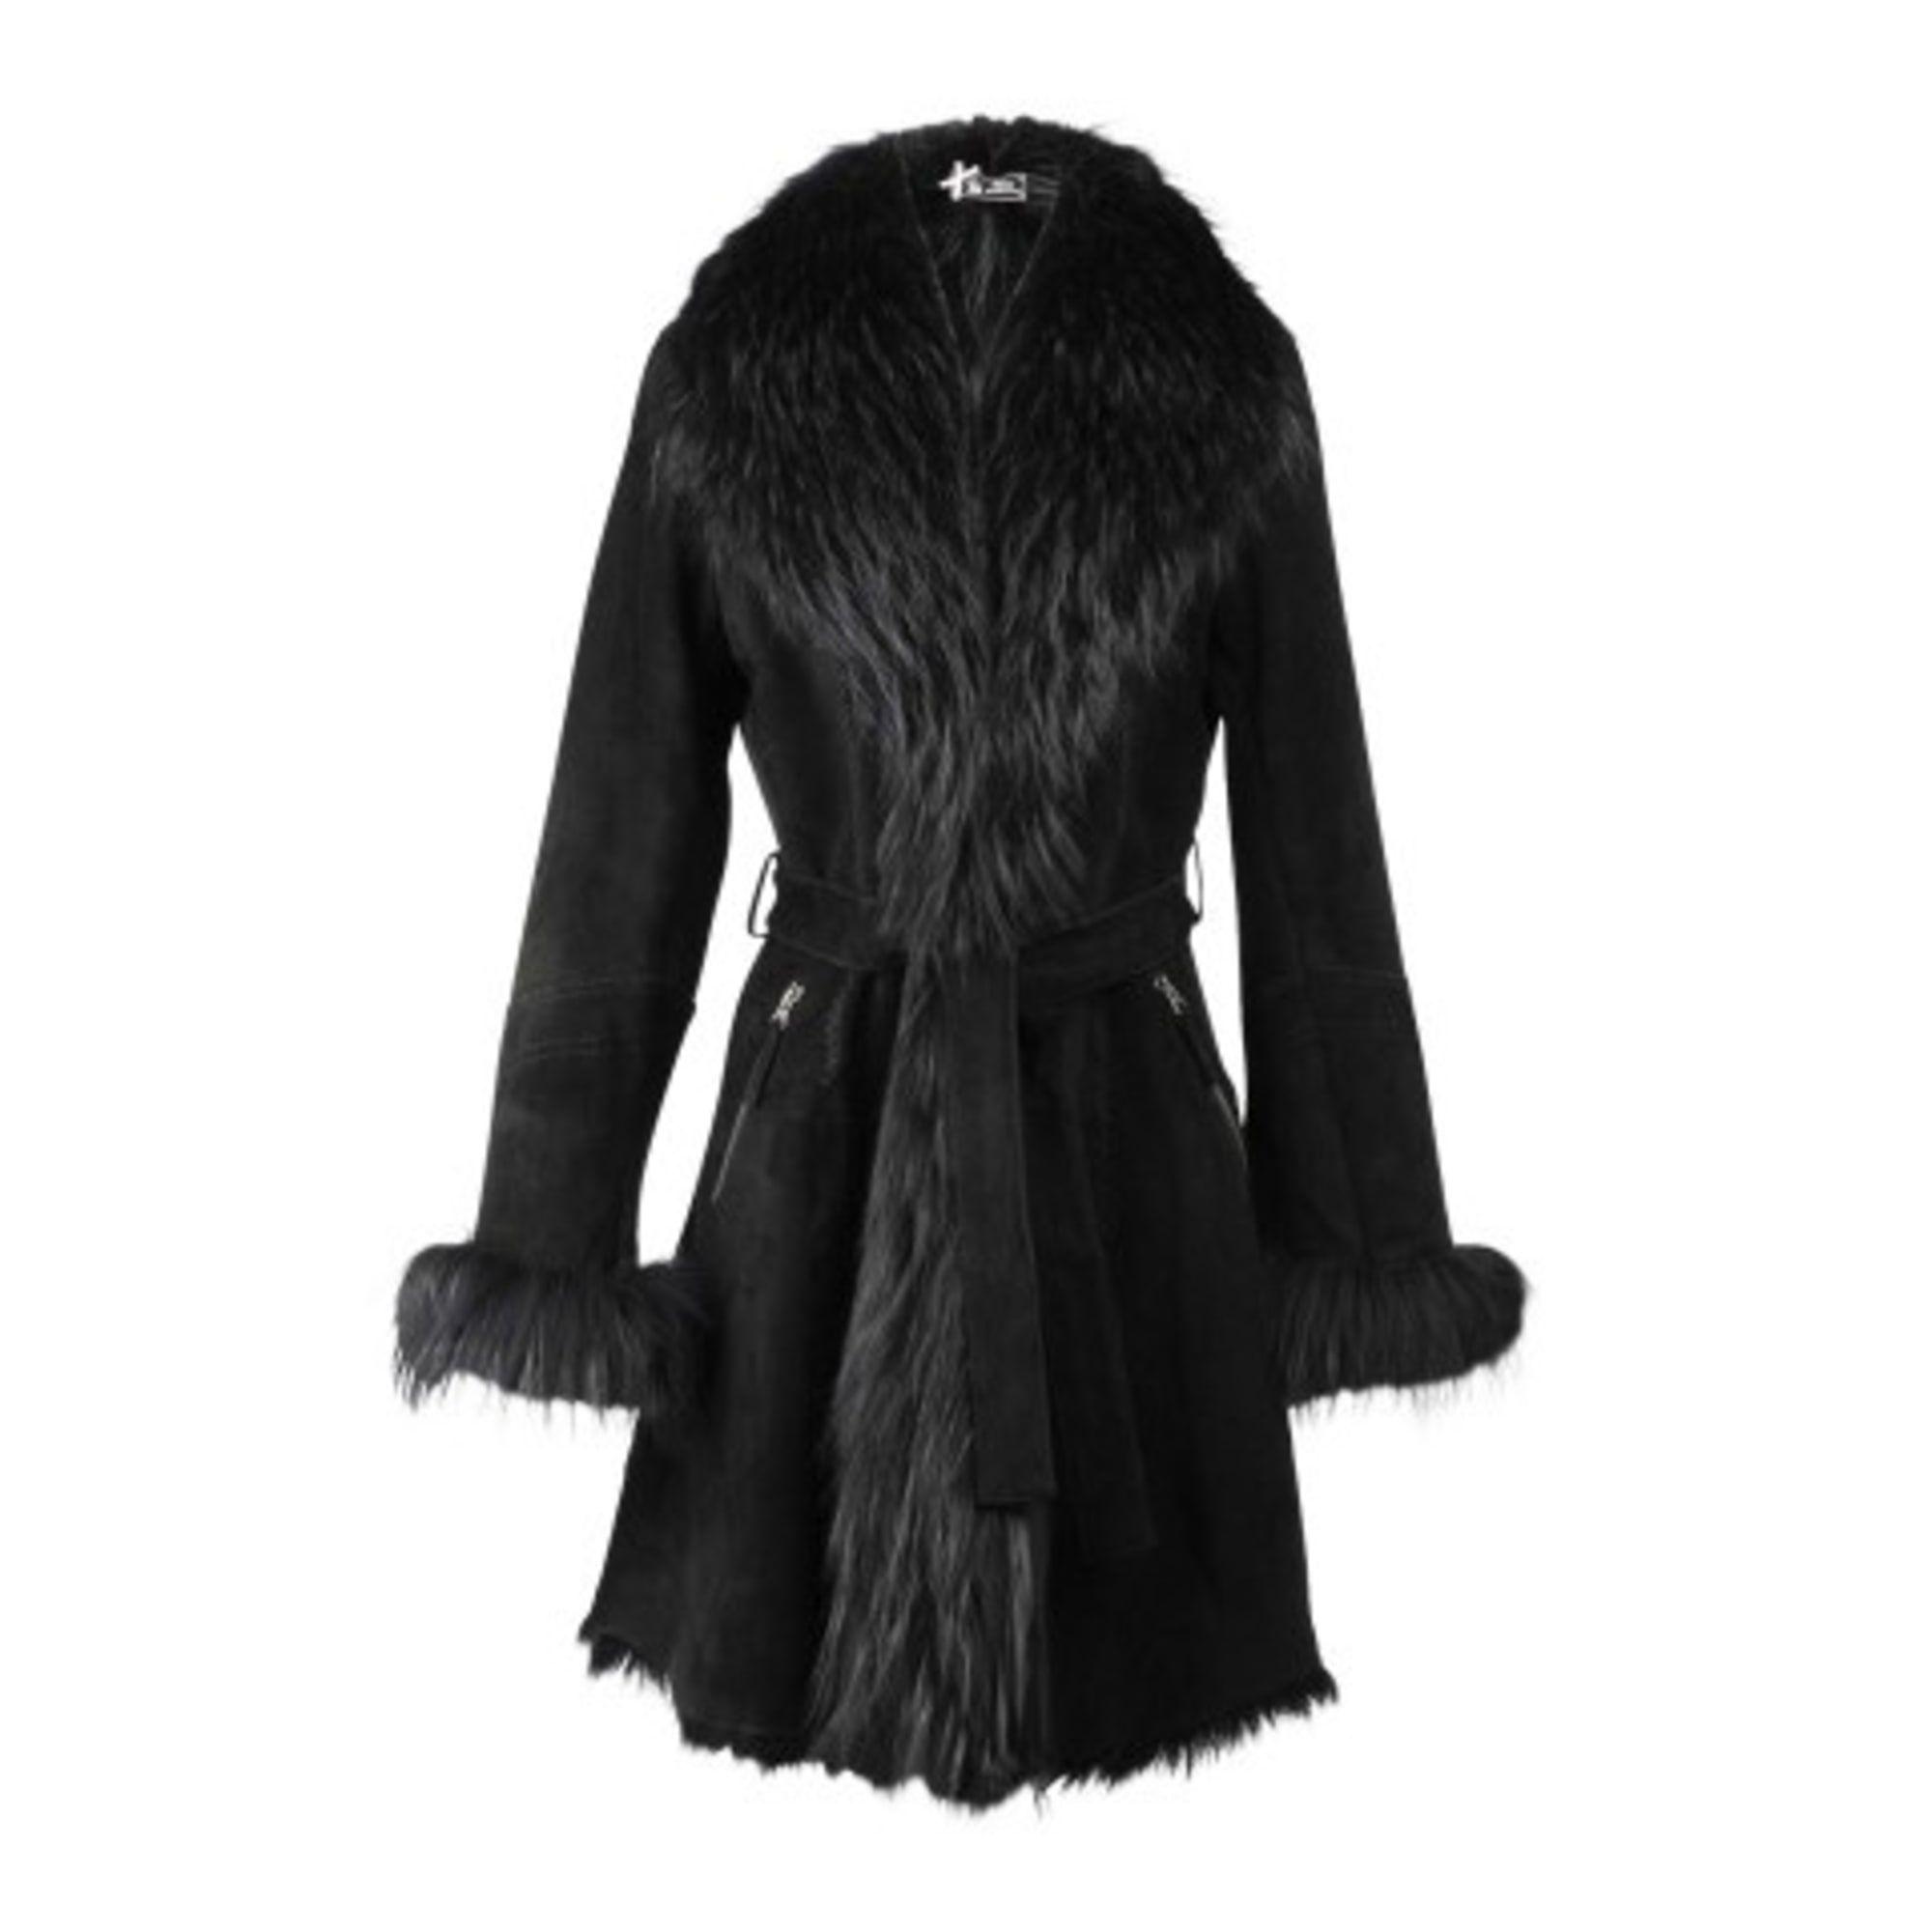 Manteau en fourrure SINÉQUANONE Noir